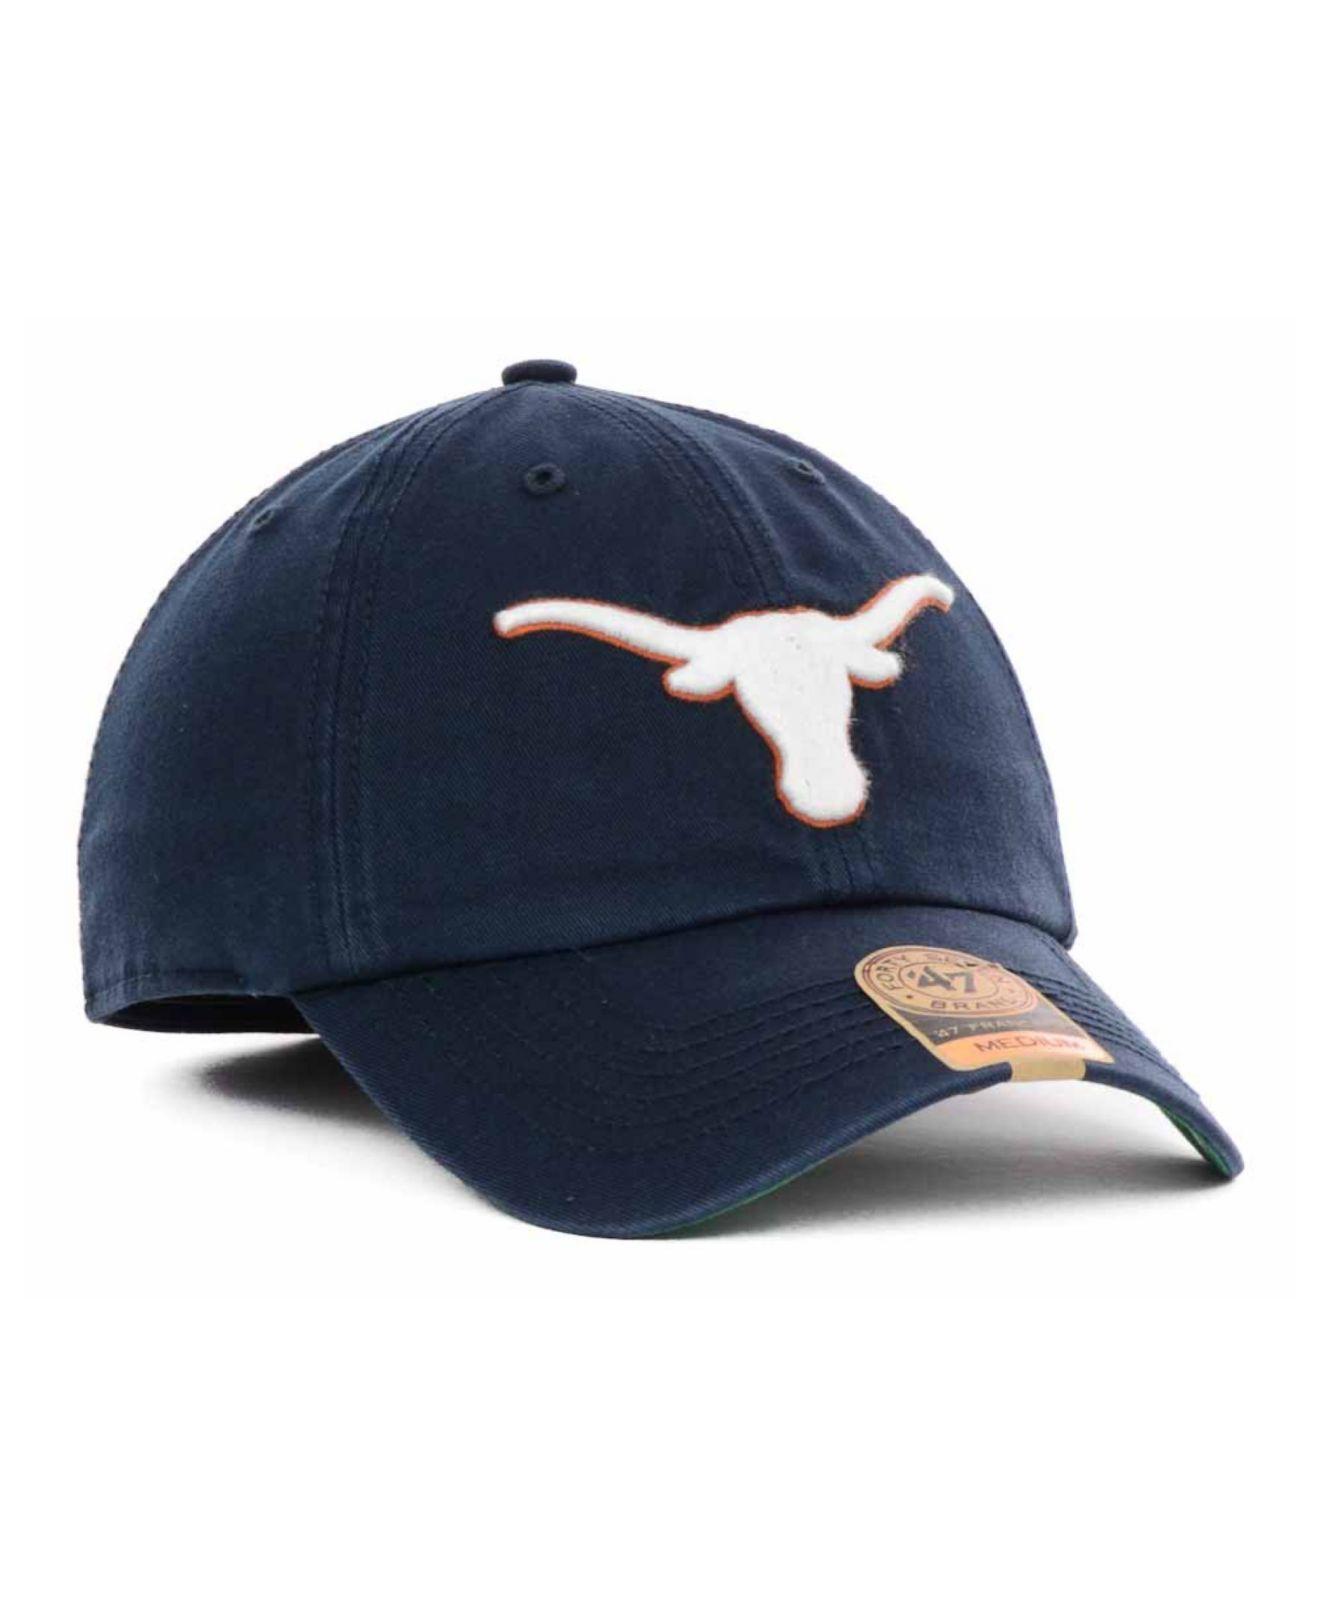 33ede67e3391b ... italy lyst 47 brand texas longhorns navy franchise cap in blue for men  67b96 116fc ...